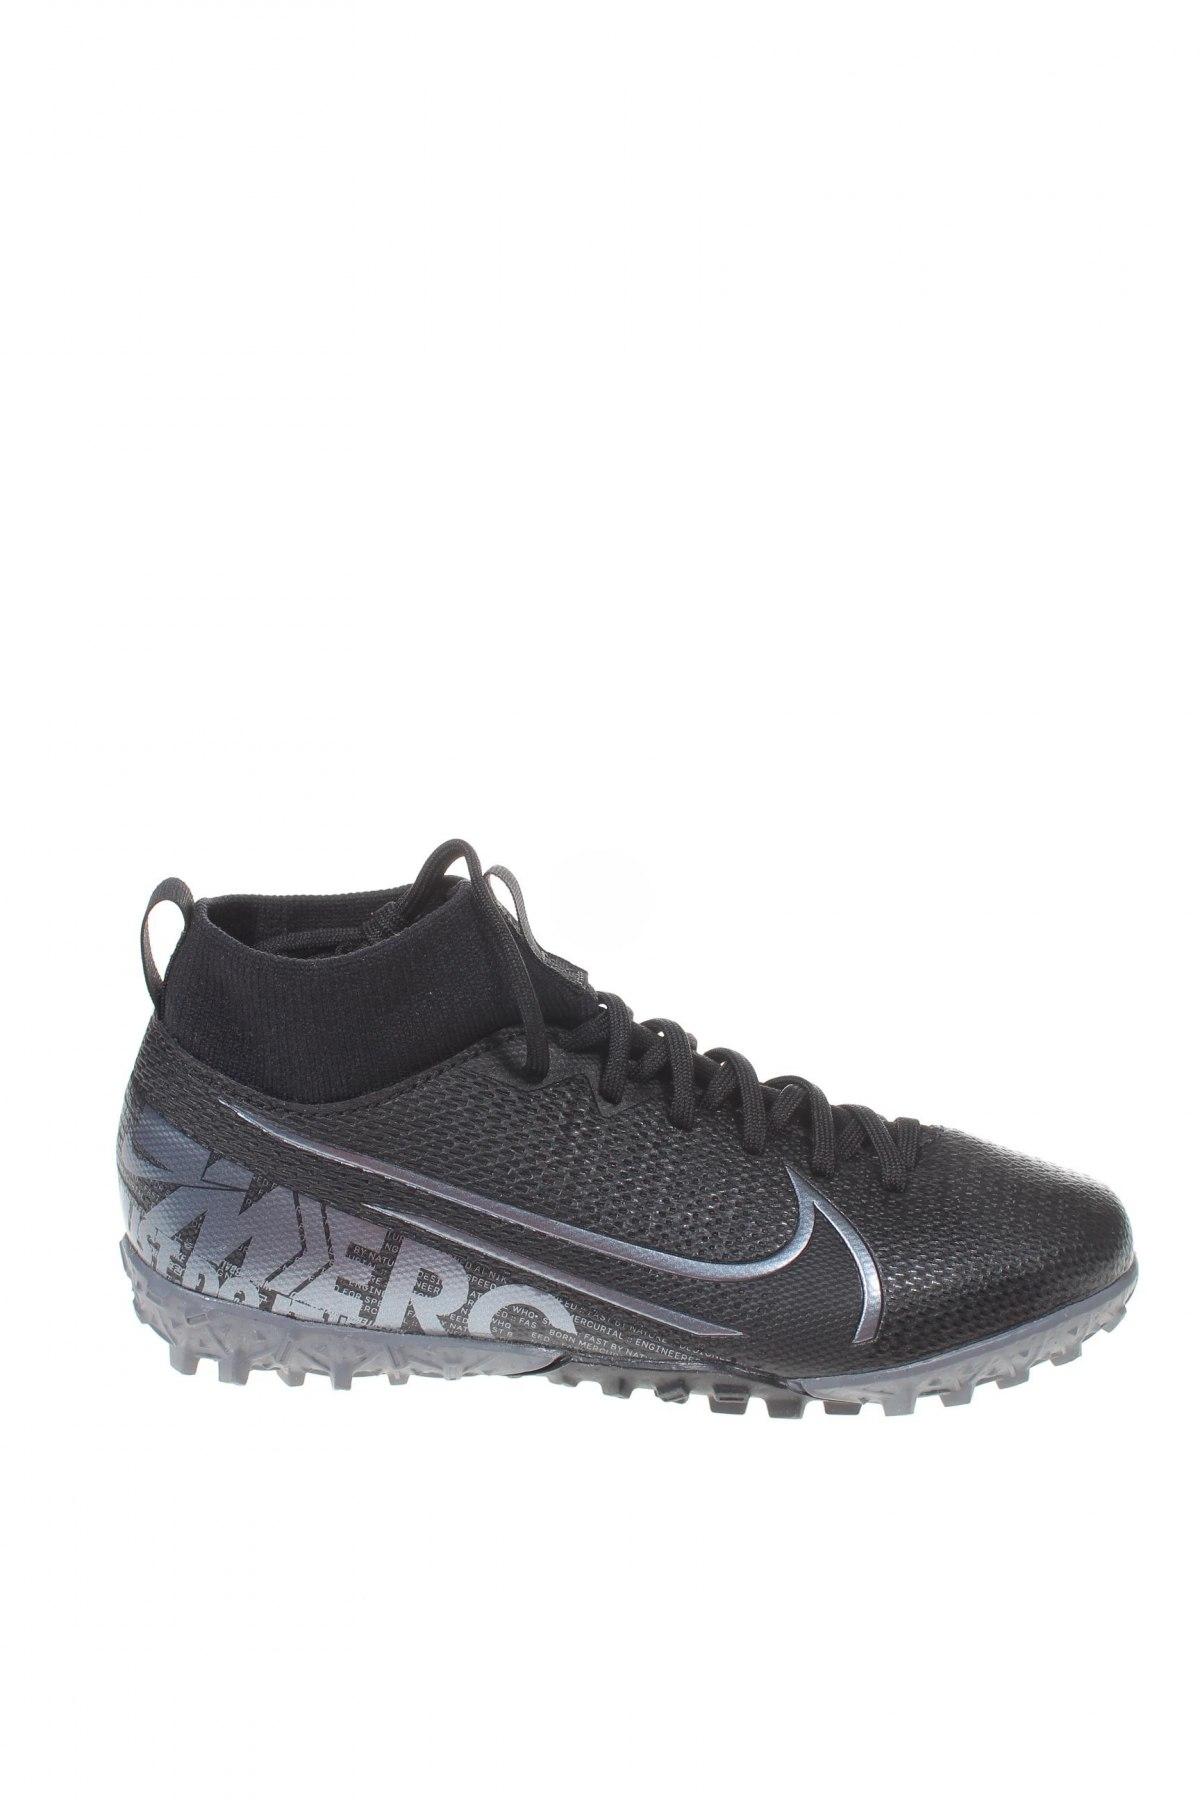 Παιδικά παπούτσια Nike, Μέγεθος 33, Χρώμα Μαύρο, Δερματίνη, κλωστοϋφαντουργικά προϊόντα, Τιμή 53,74€